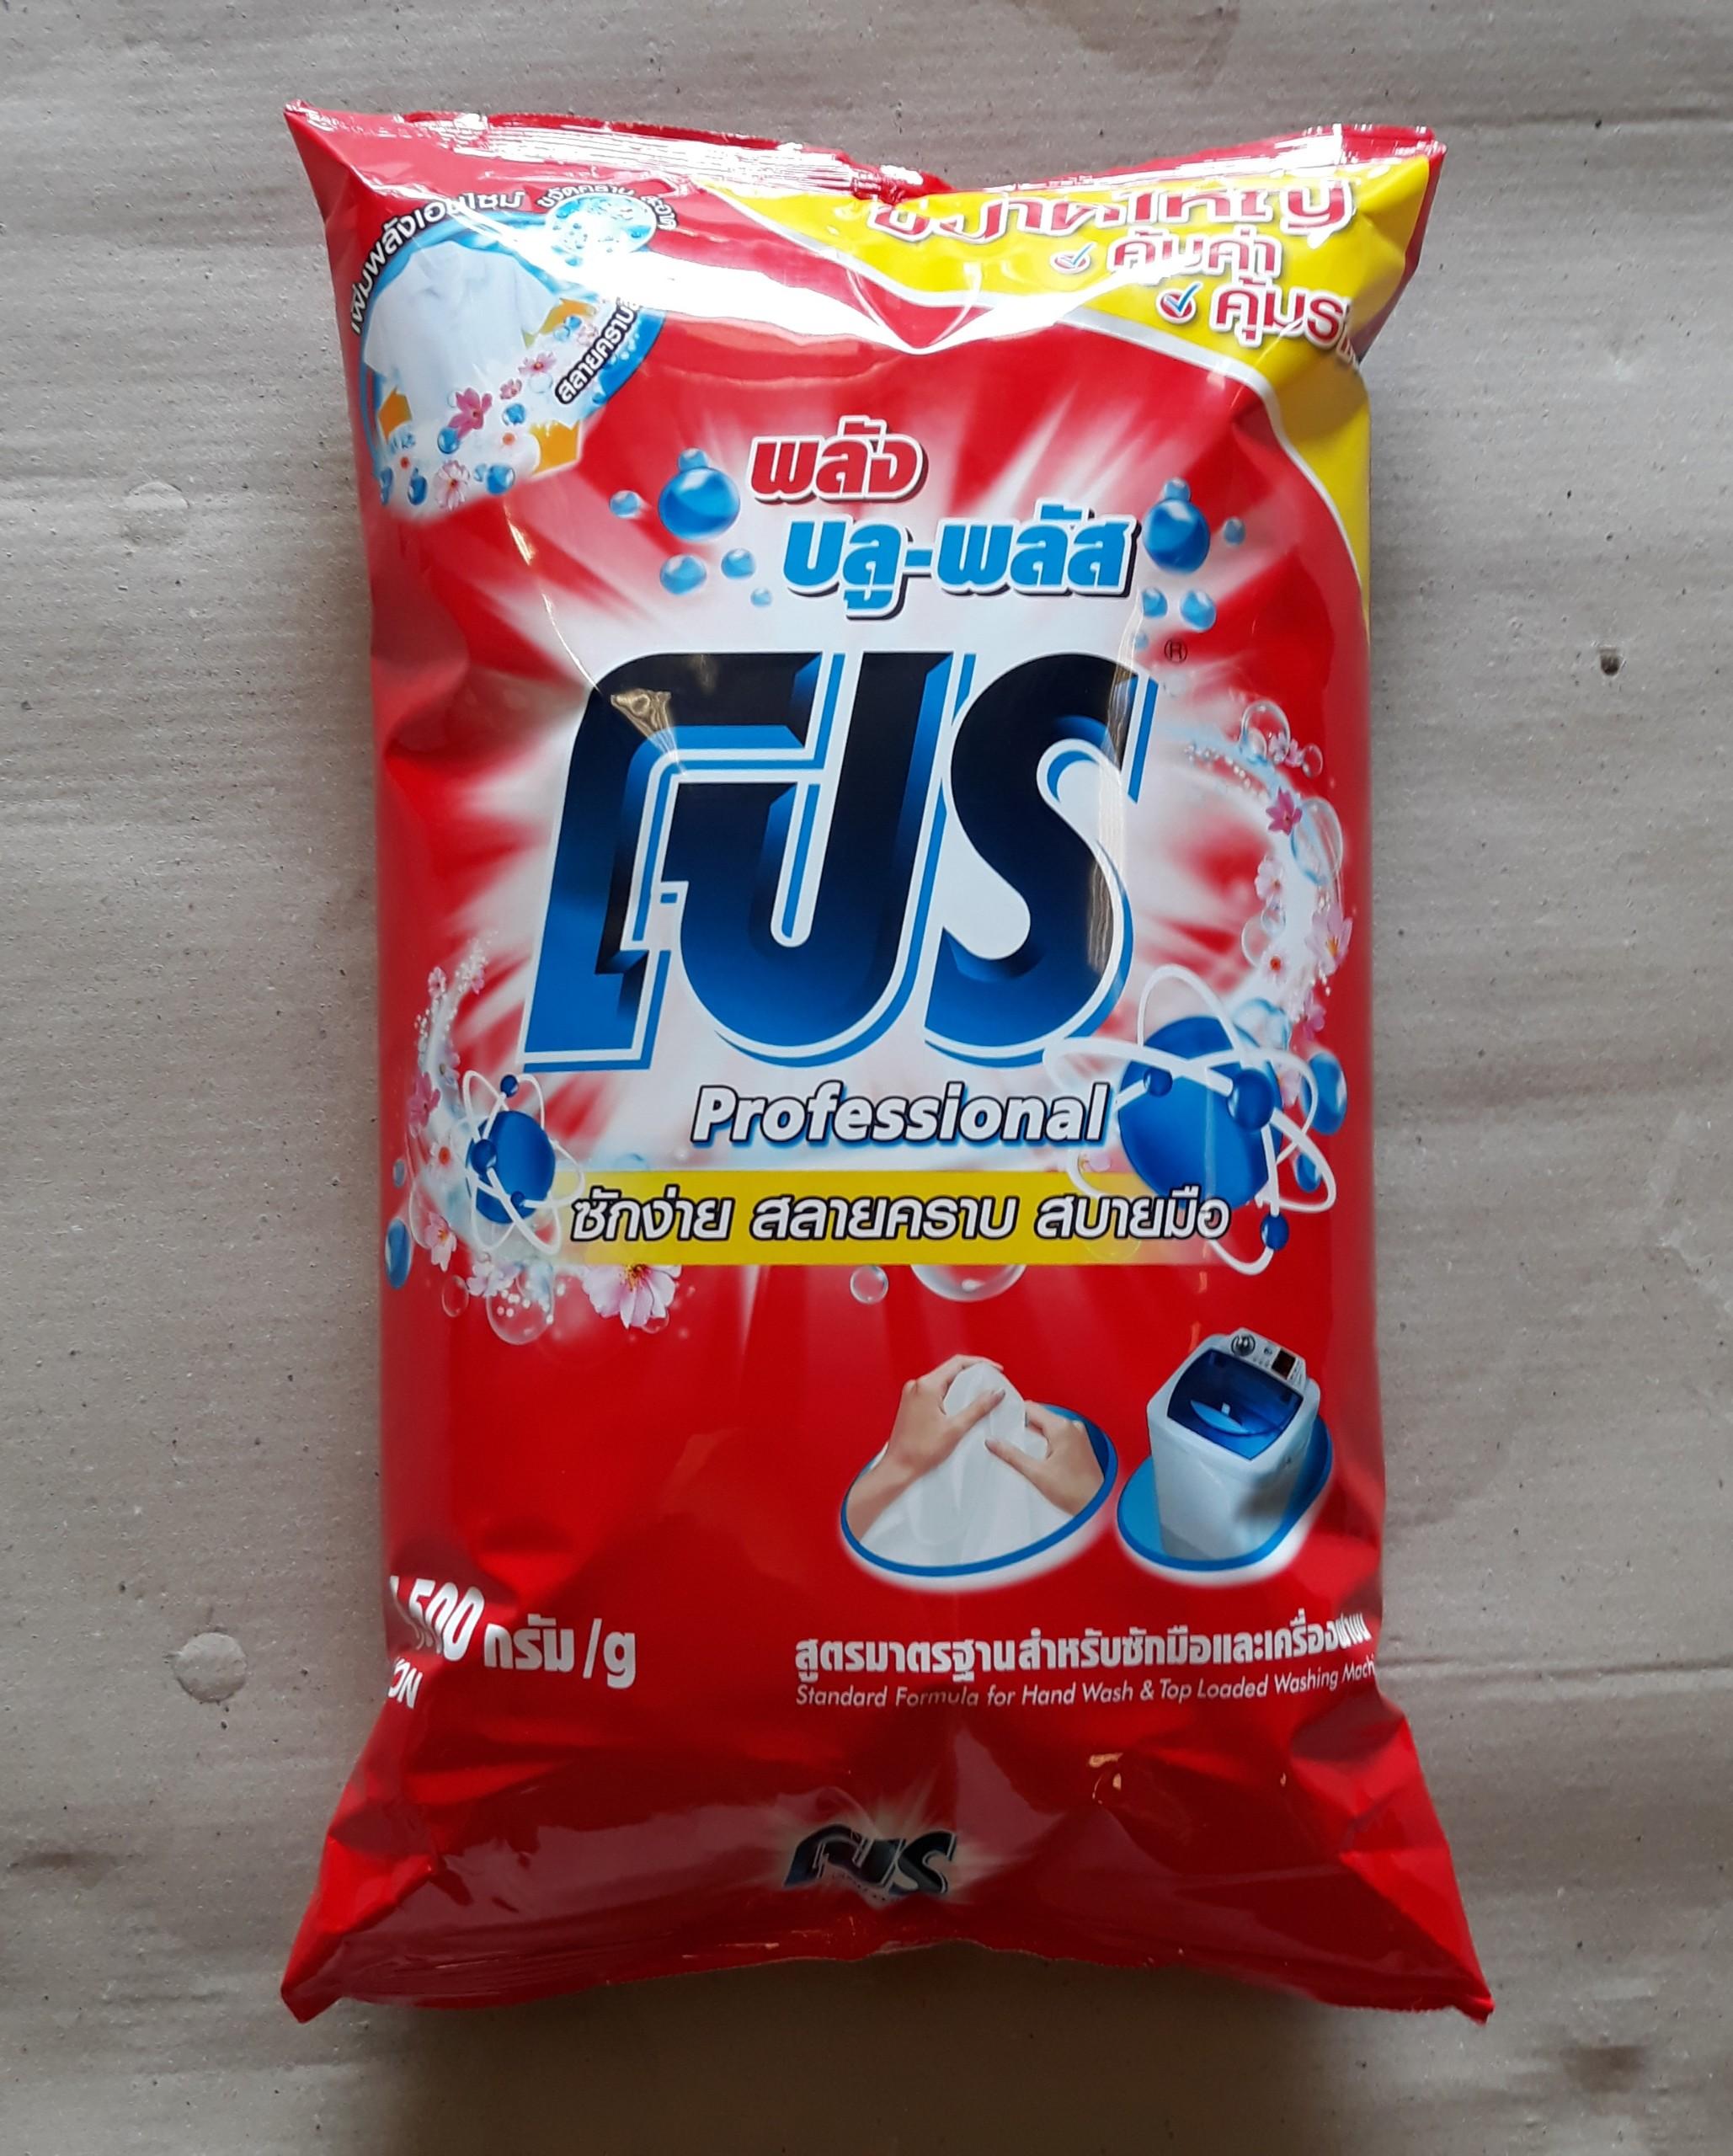 Xà phòng giặt Pro 4.5kg (Blue Plus - đỏ)